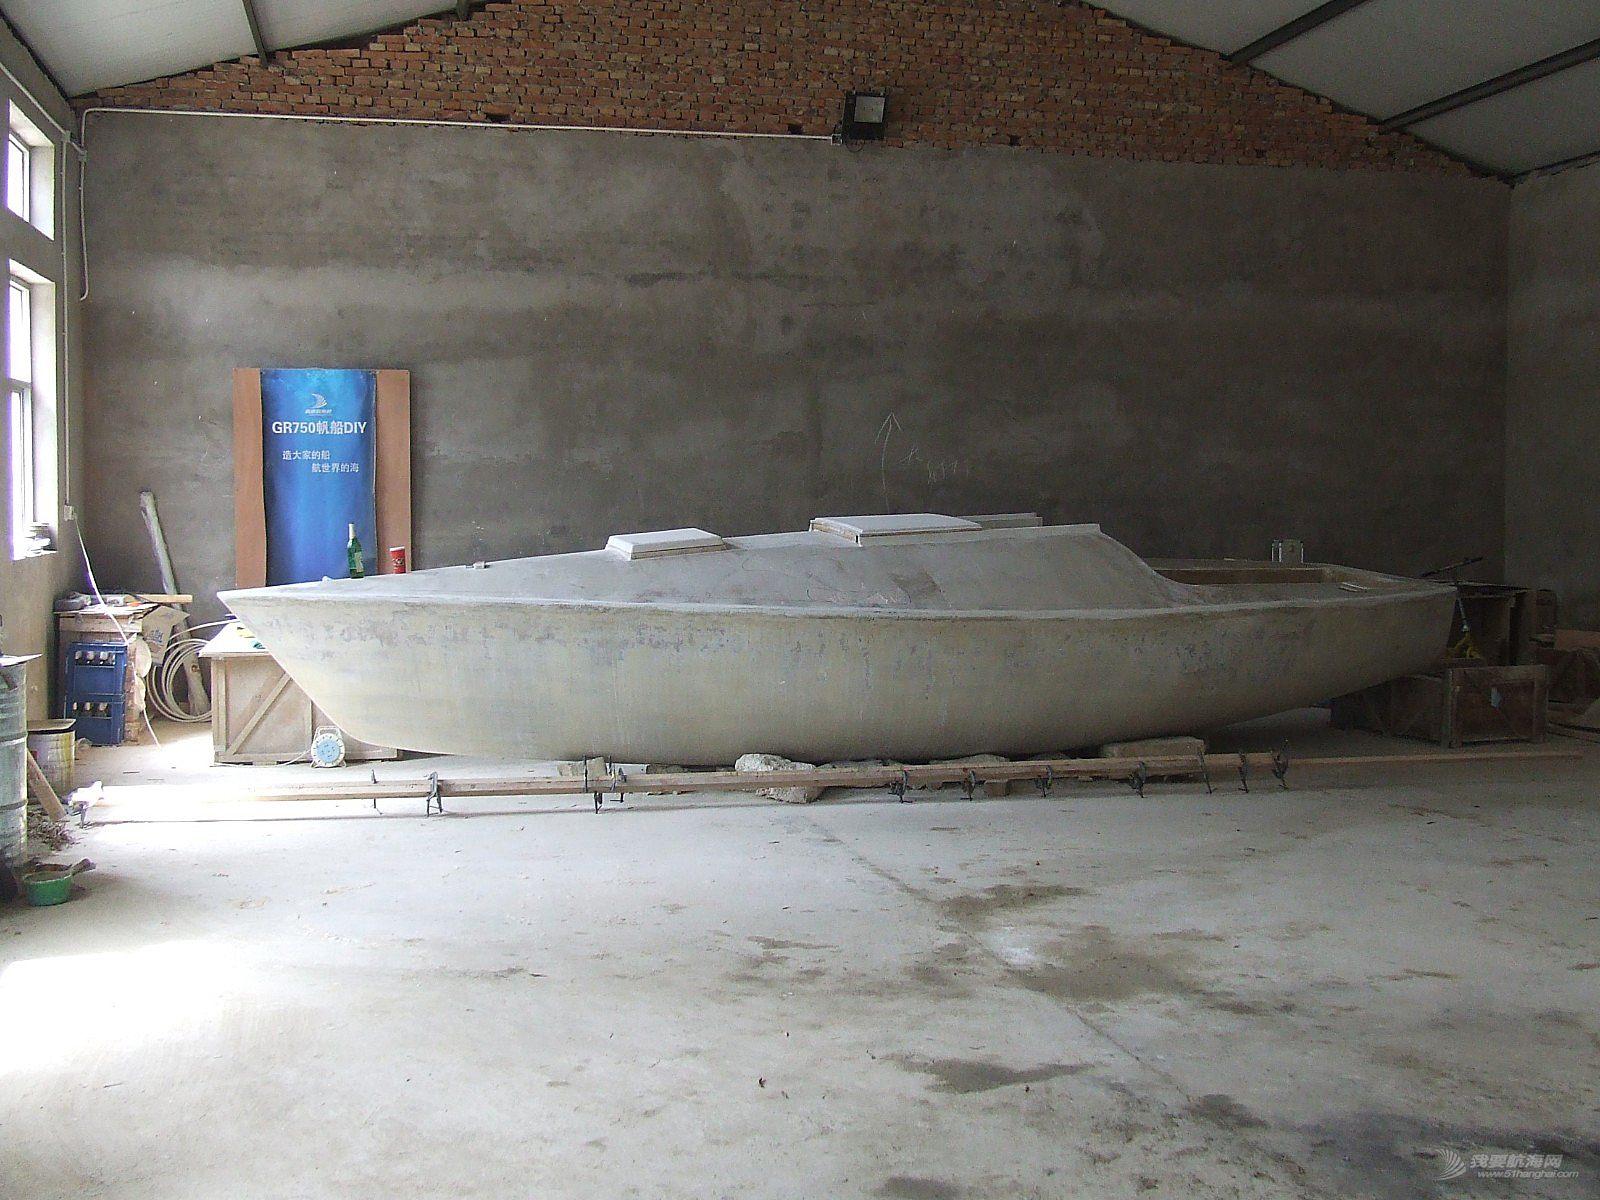 DIY帆船,造船,diy游艇 GR750帆船DIY大事记